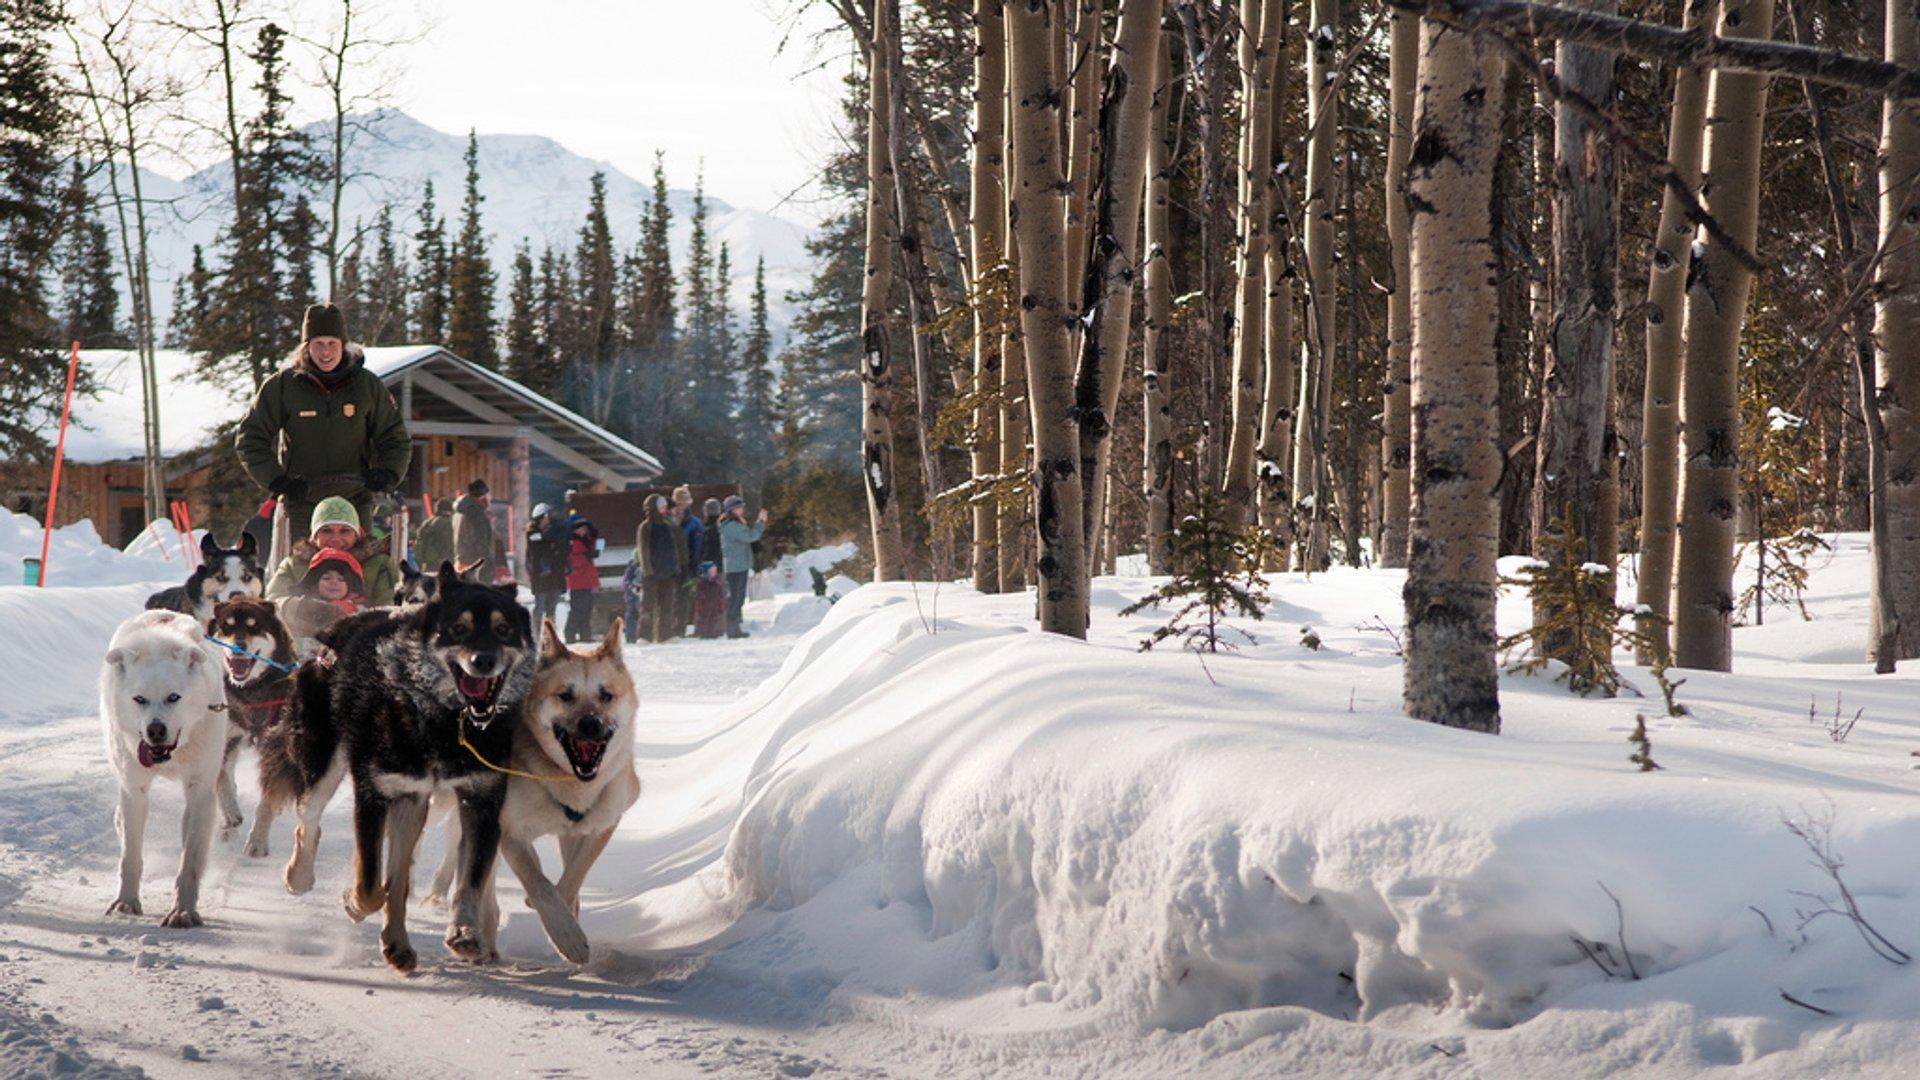 Best time for Denali Winterfest in Alaska 2020